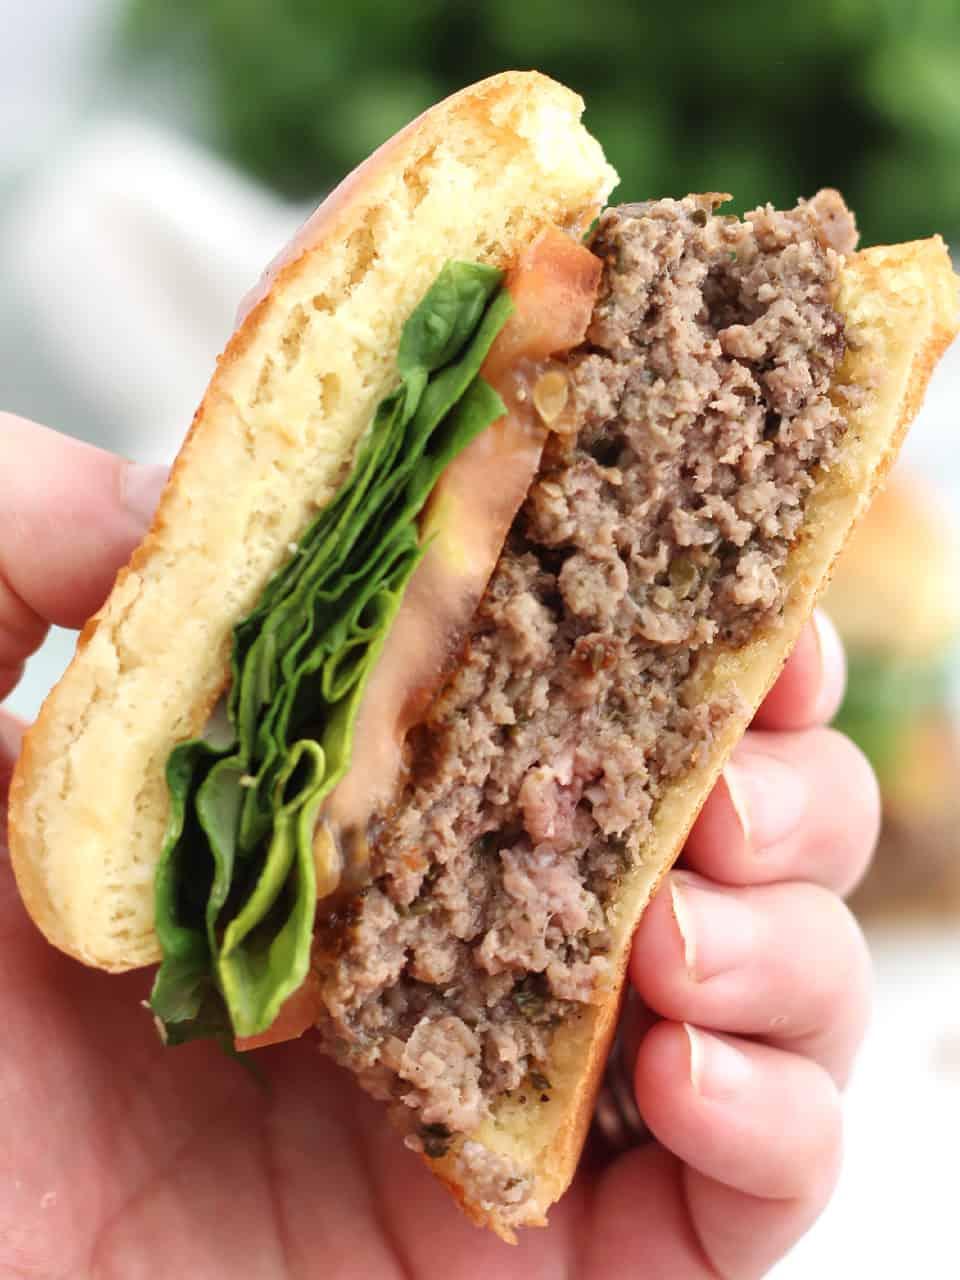 A hand holding half a burger.